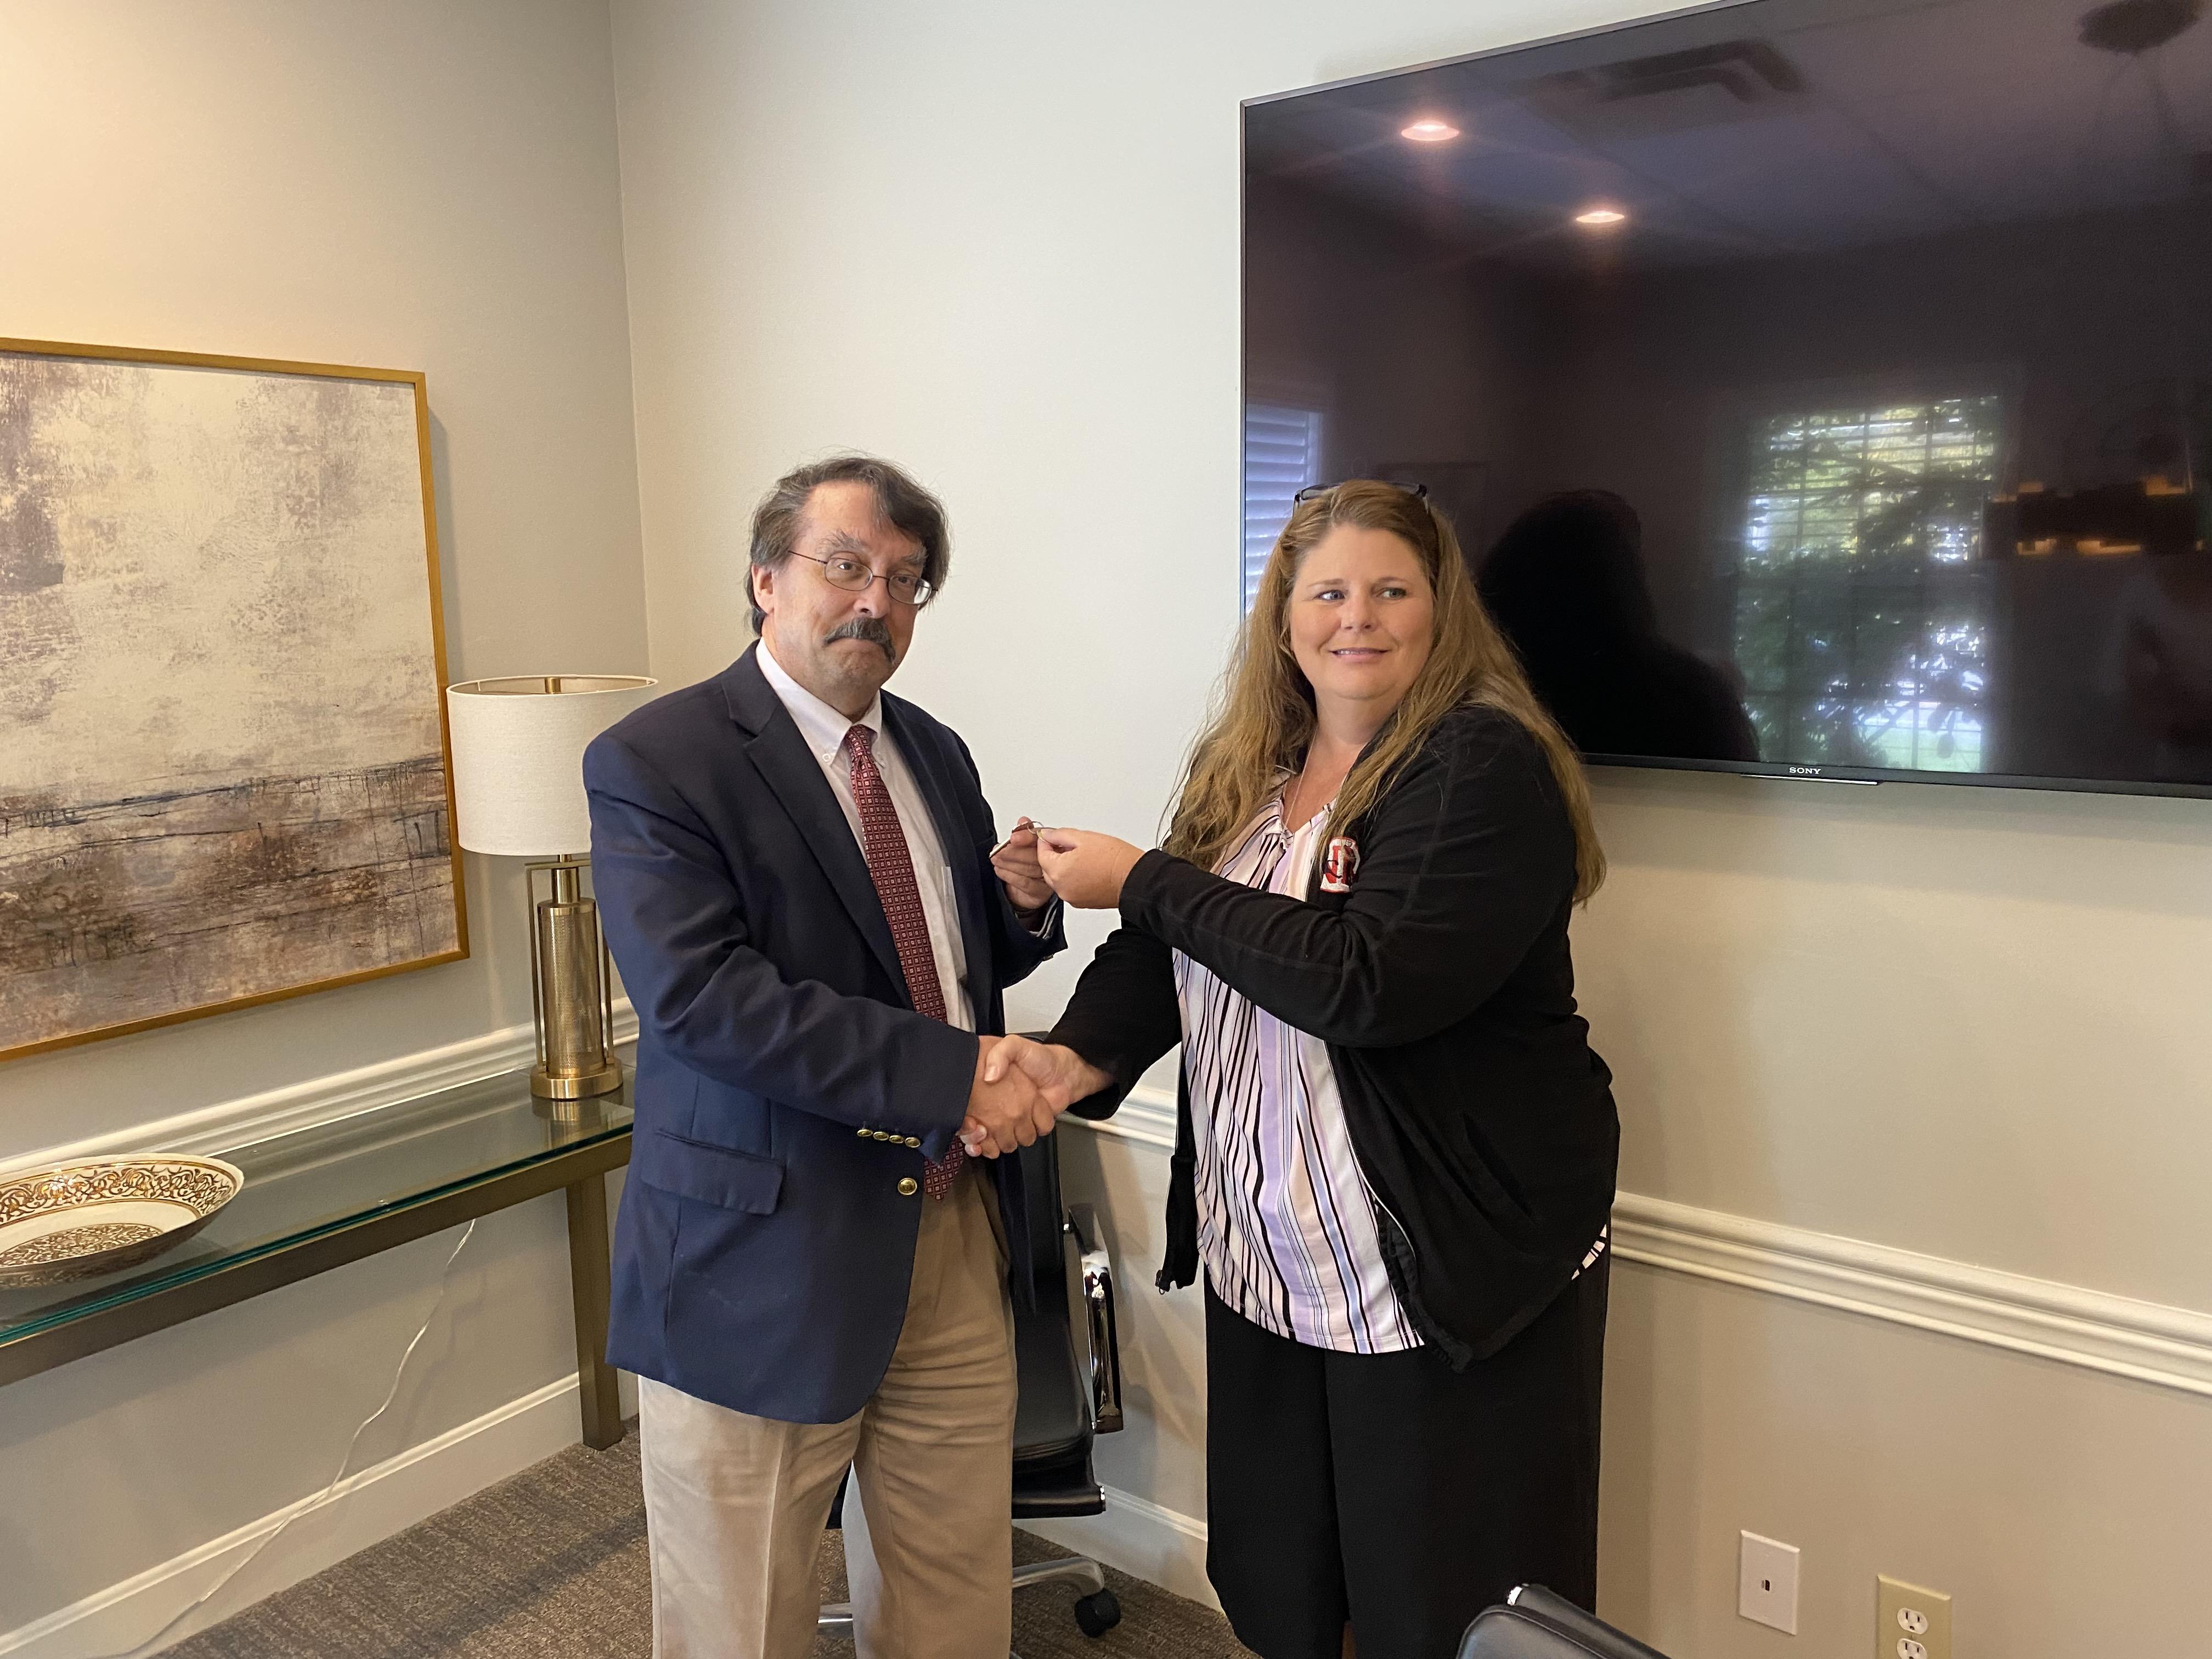 Board President Kristin Bennett hands keys to Kevin Clauson.